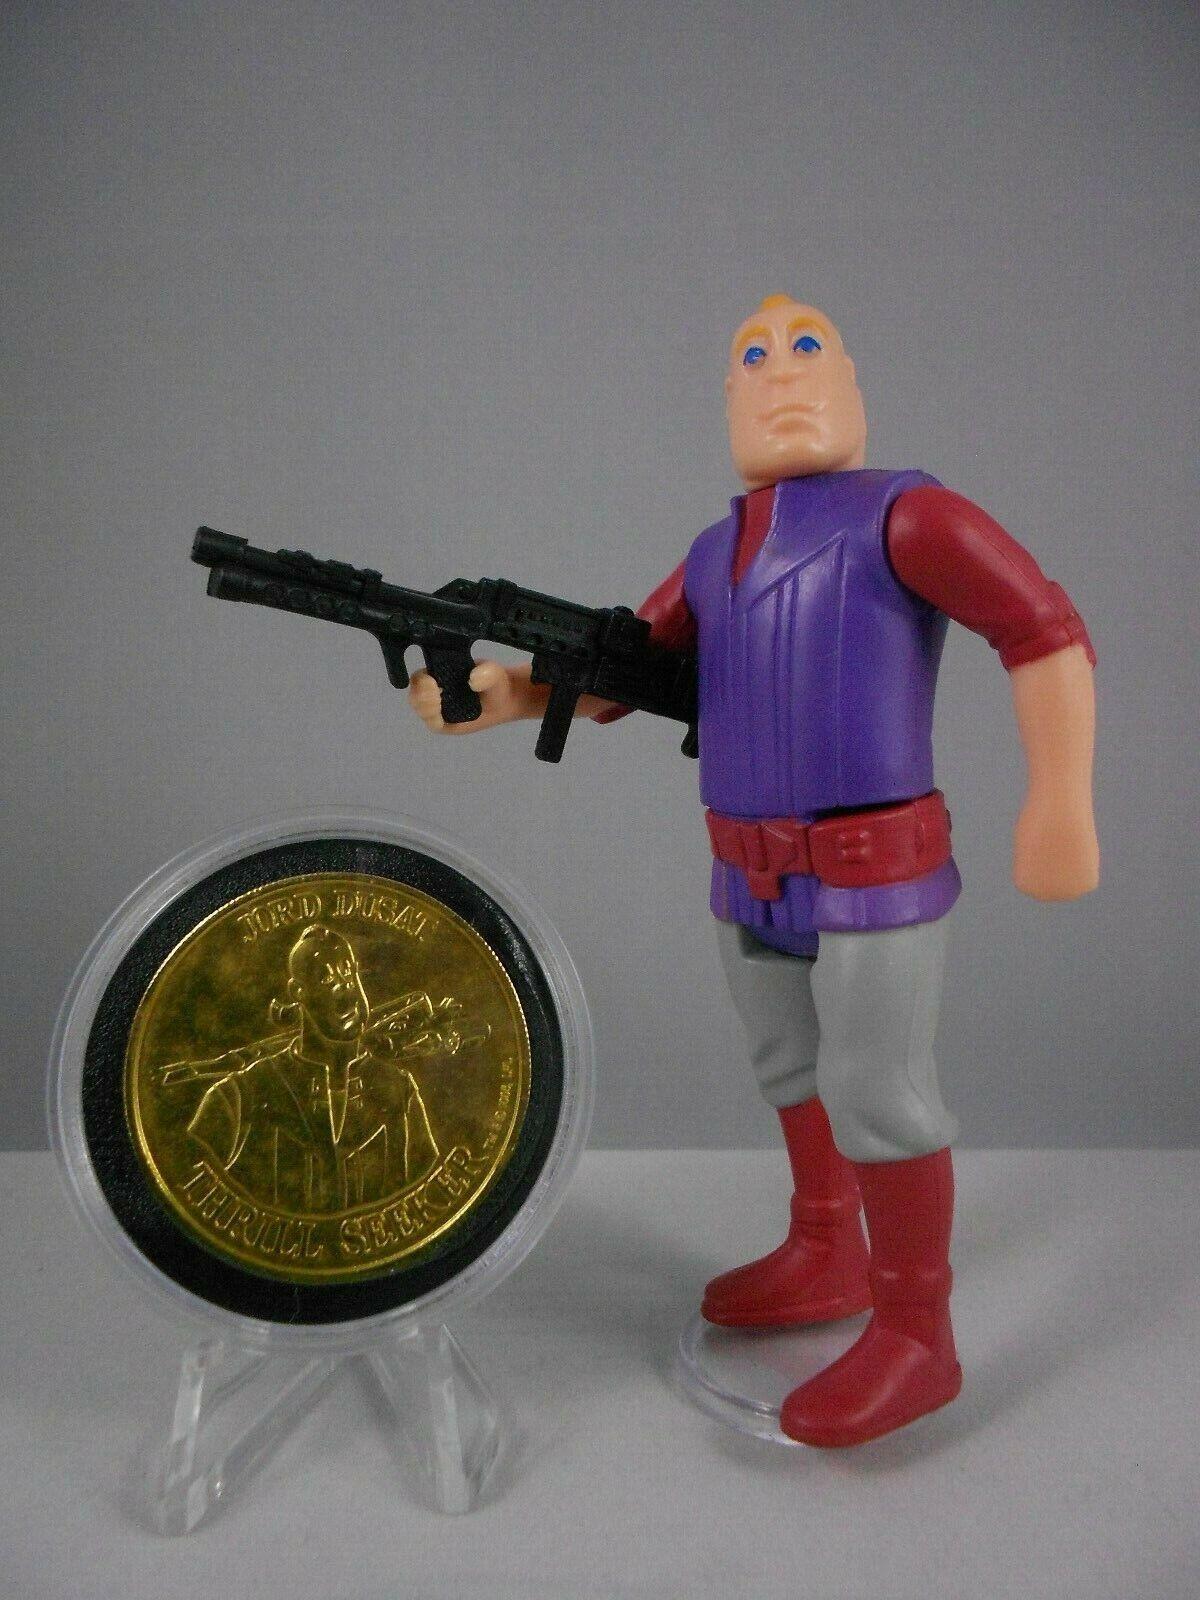 Vintage Star Wars Droids 1985 Jord Dusat  E N Mint  Vintage Complete  w Coin